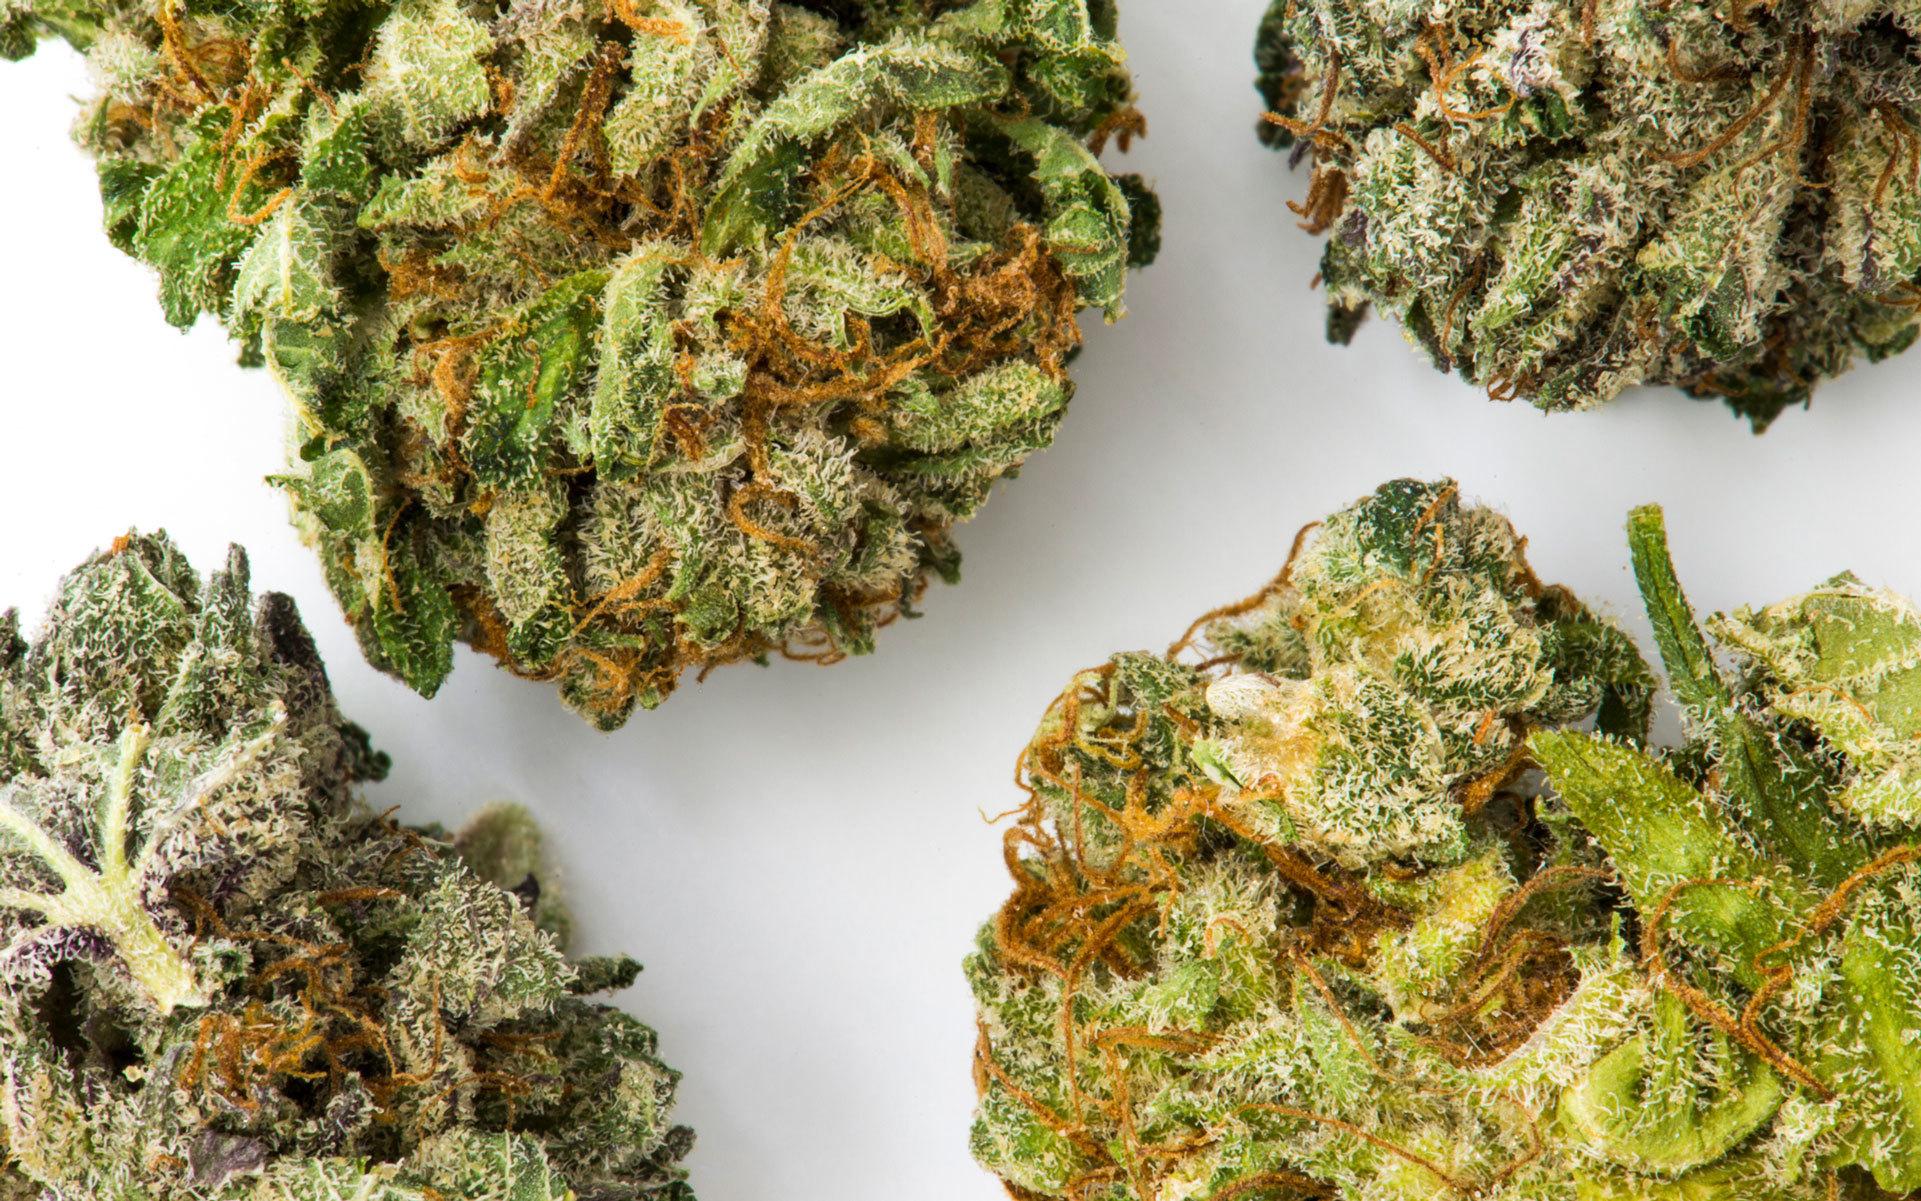 Acquistare erba buona e di qualità non è certo un fattore da sottovalutare: è infatti proprio la qualità della cannabis a garantire un'esperienza ricreativa legata all'assunzione, piacevole ed appagante.